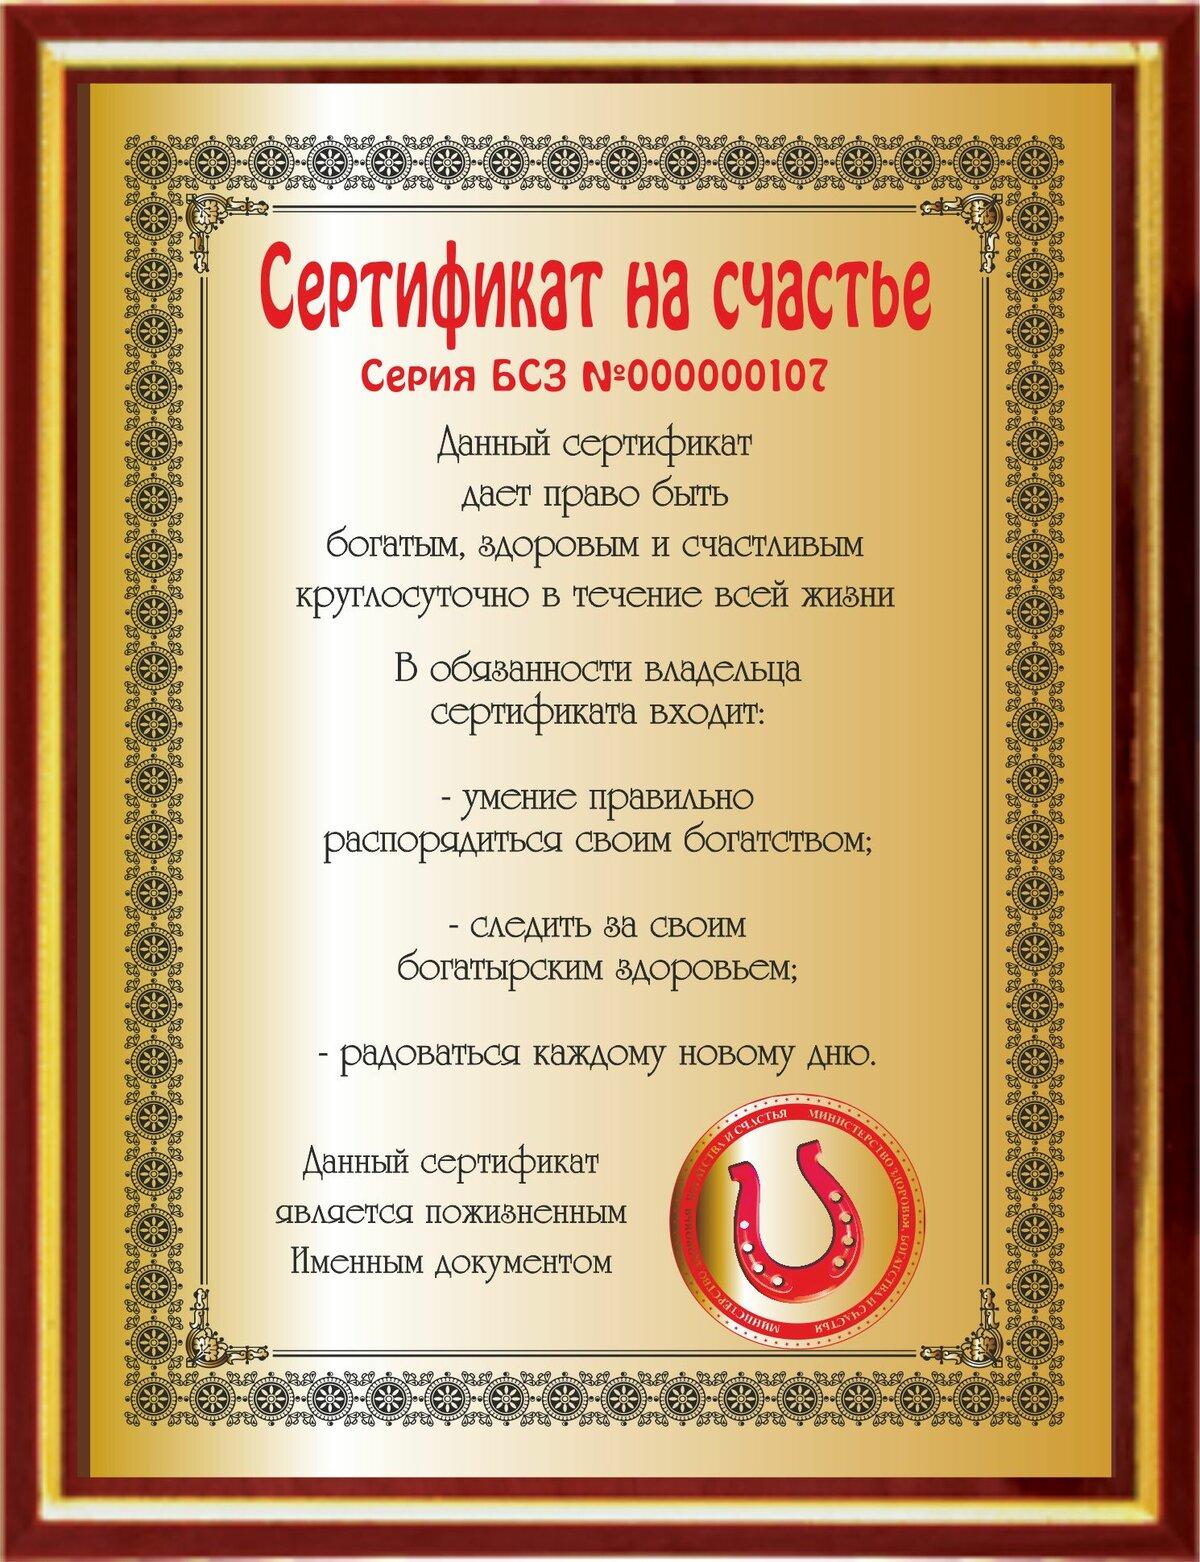 Картинки, открытка с днем рождения сертификат